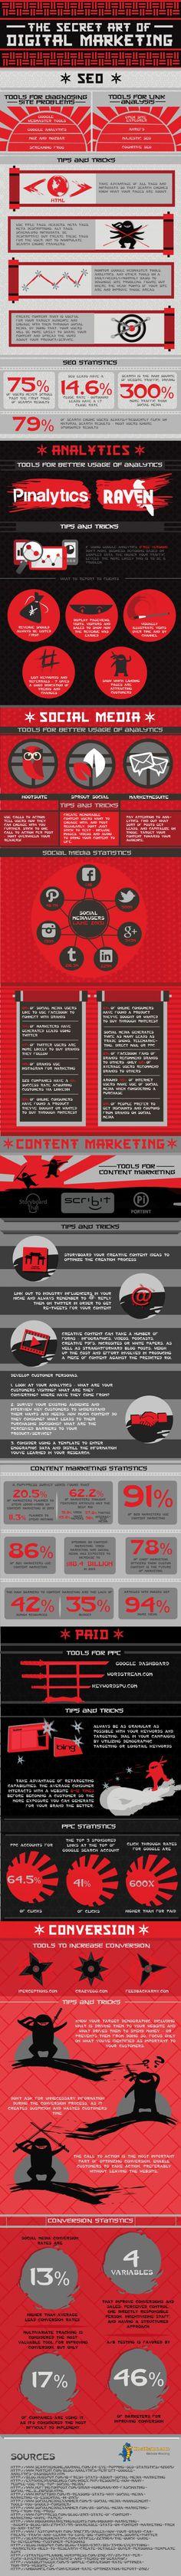 Les secrets de l'art du marketing digital : SEO, analytique, social media, contenu, PPC, conversions…-